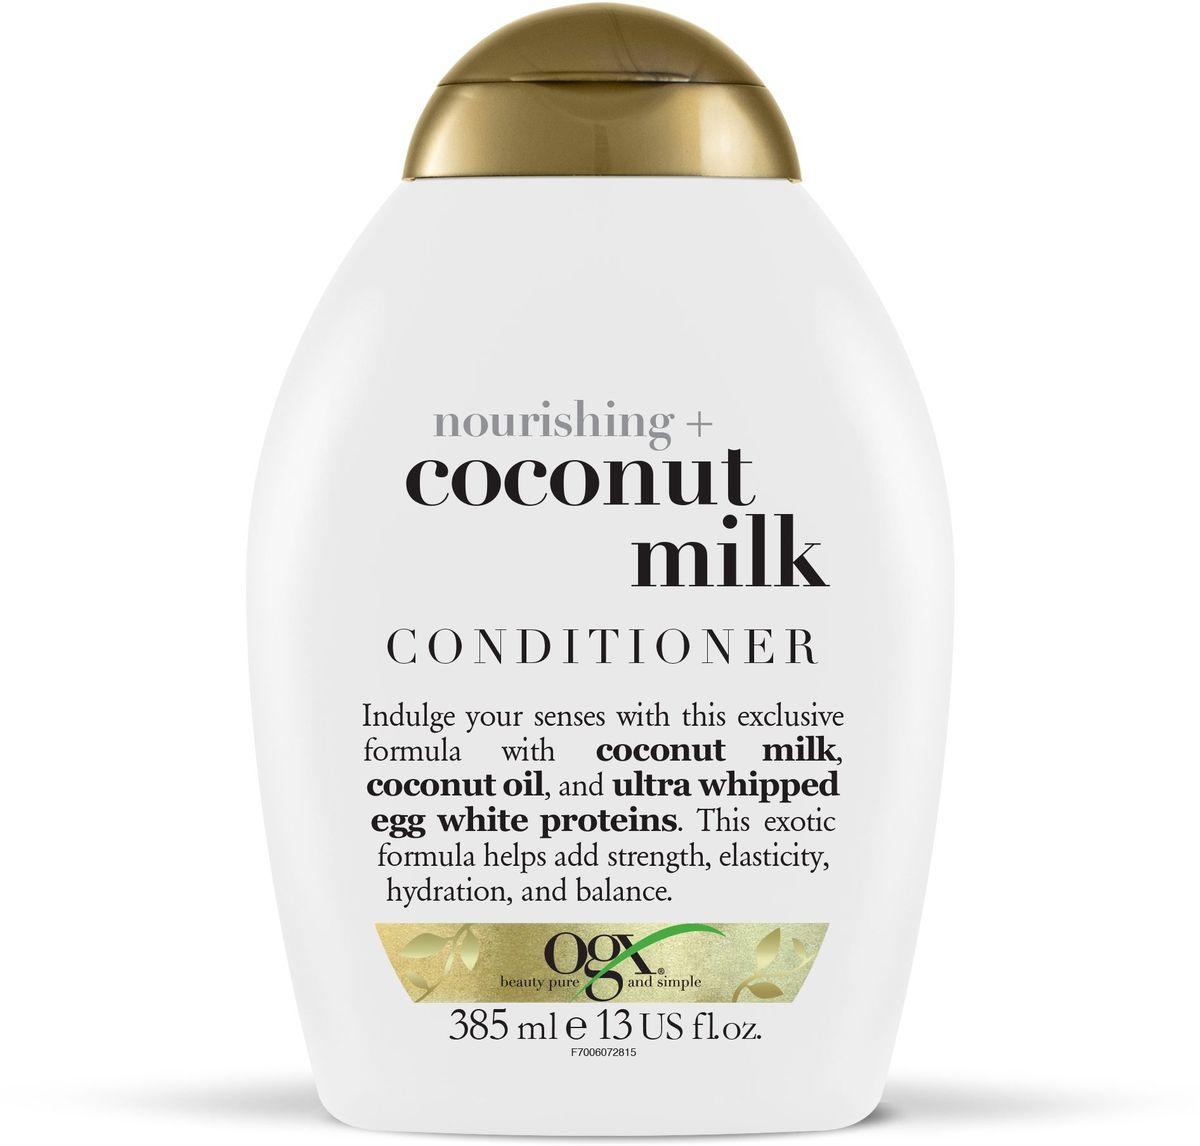 OGX Питательный кондиционер с кокосовым молоком, 385 мл97006Питательный кондиционер с кокосовым молоком– питает и увлажняет волосы, придавая им гладкость и блеск, кокосовое масло, входящее в состав продукта наполняет волосы влагой от корней до самых кончиков, восстанавливая водный баланс. Придает волосам силу.